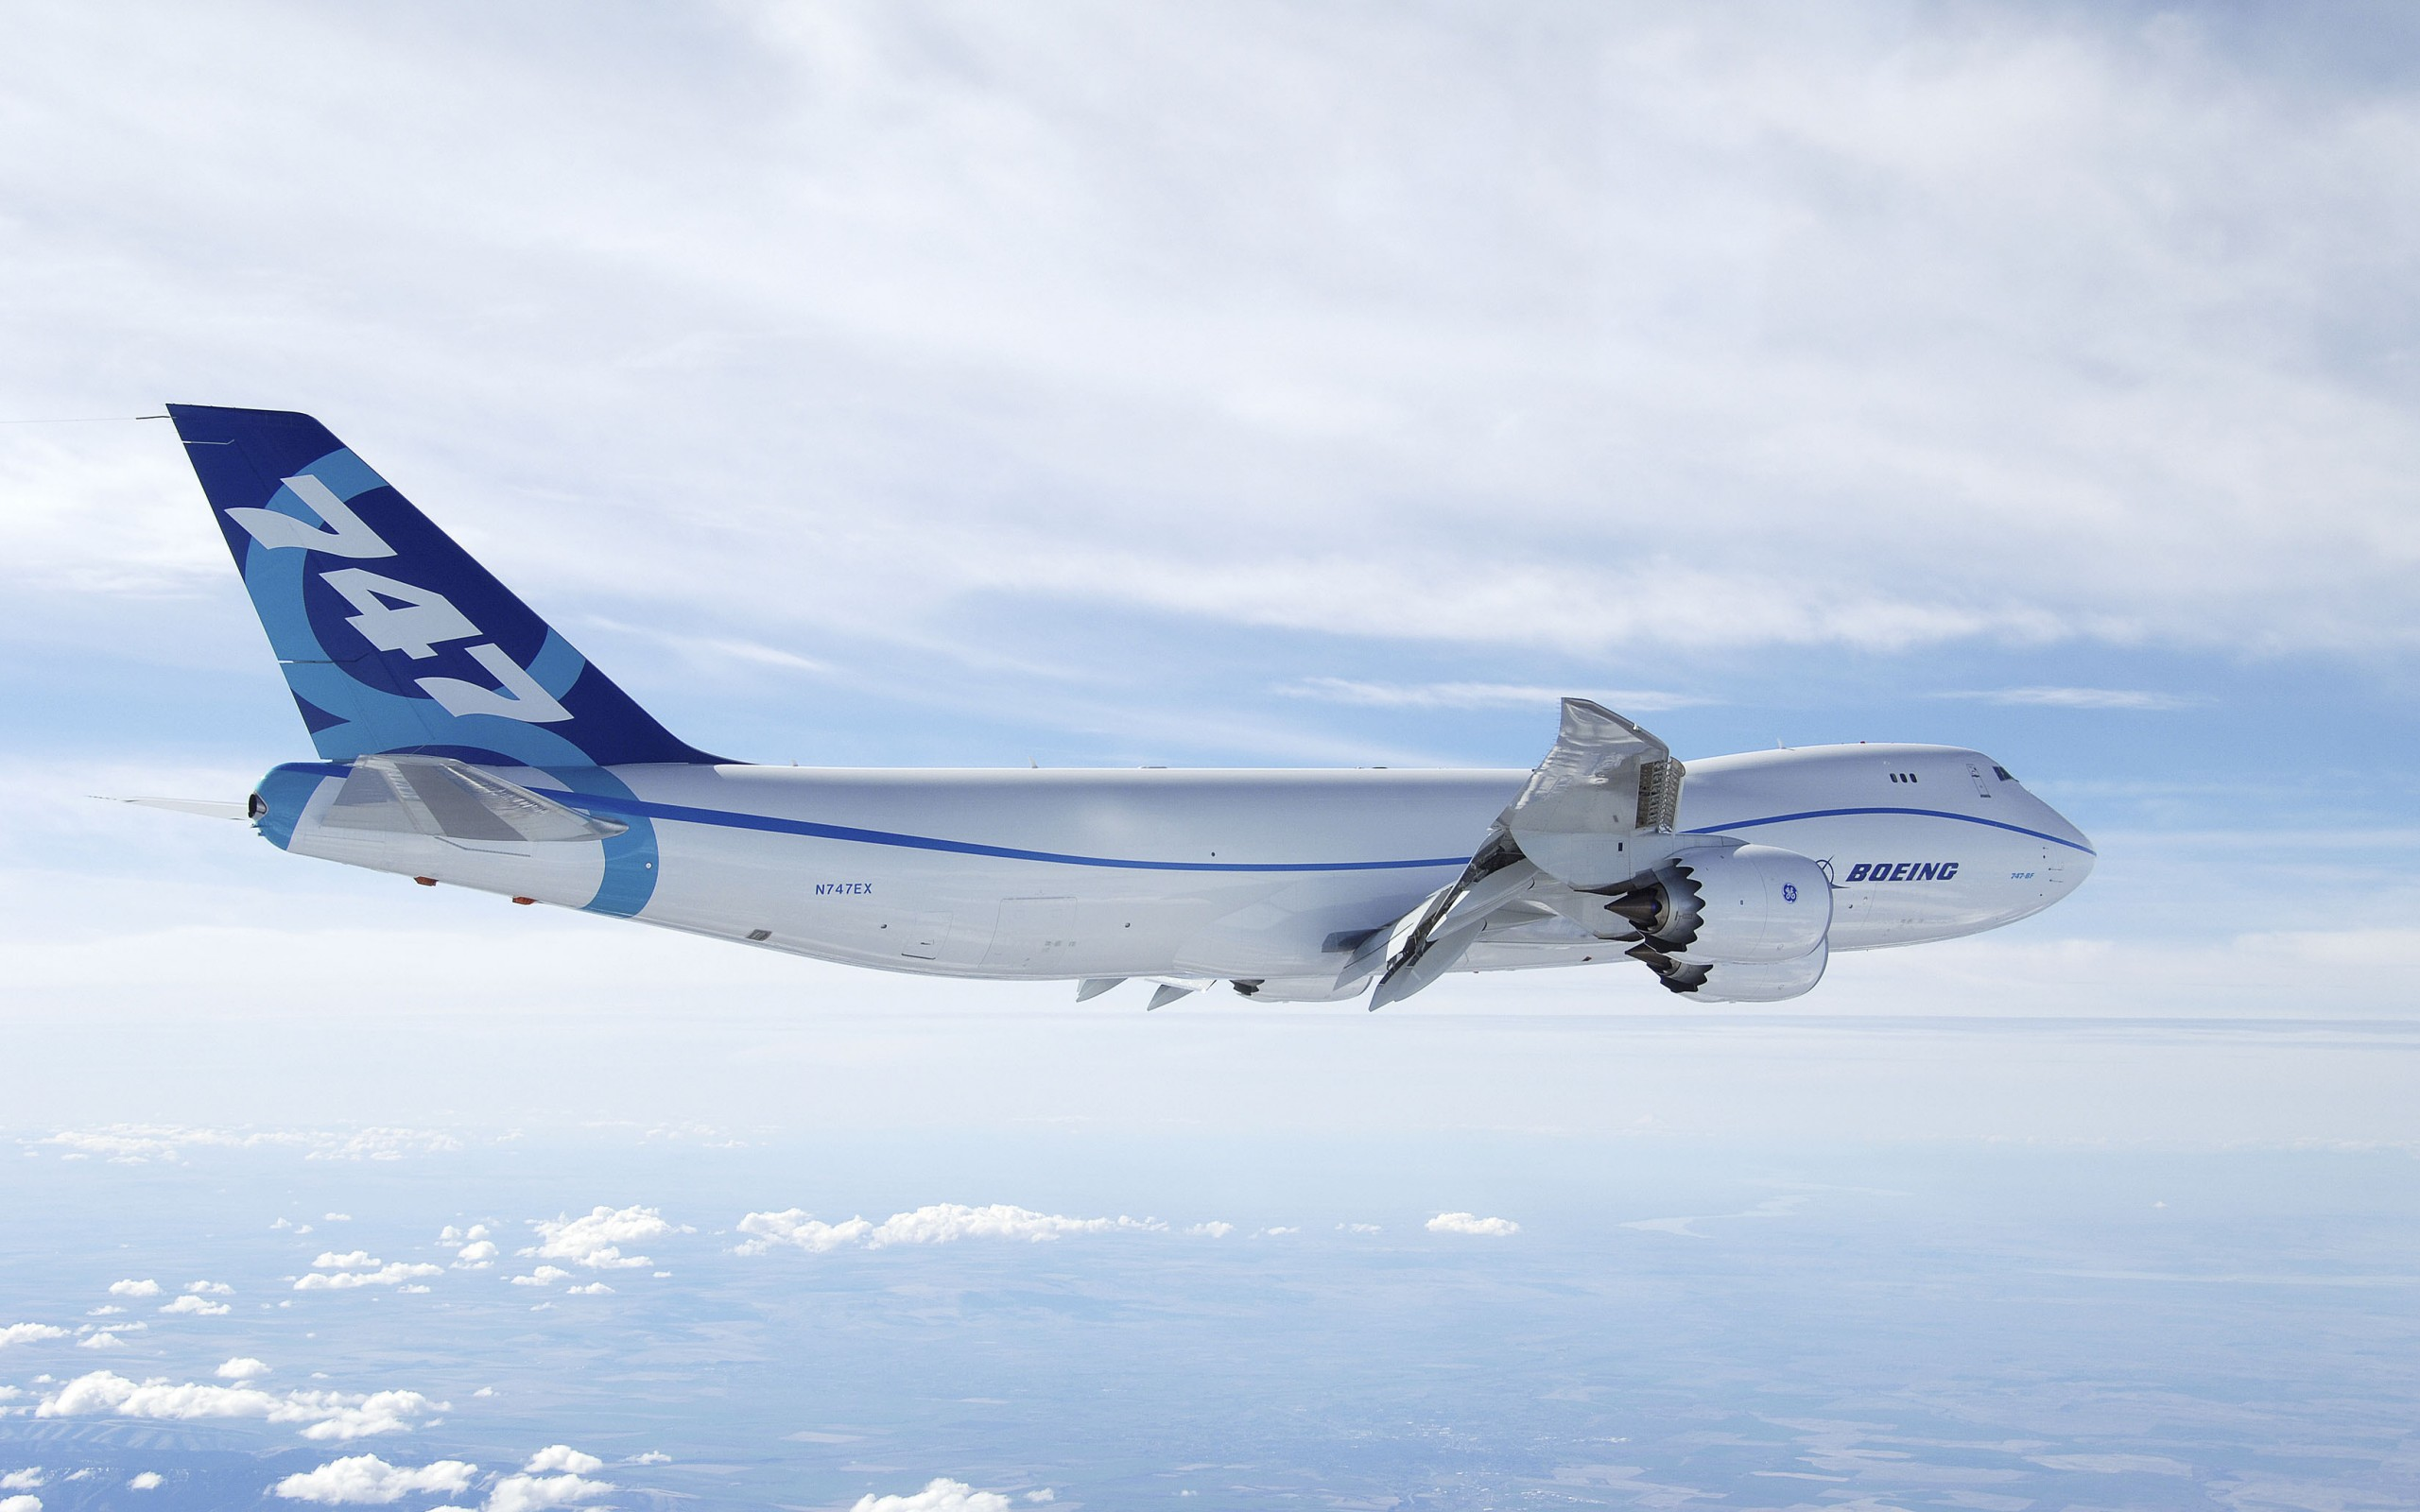 Грузовой самолет картинки и обои - самые необычные и красивые 15